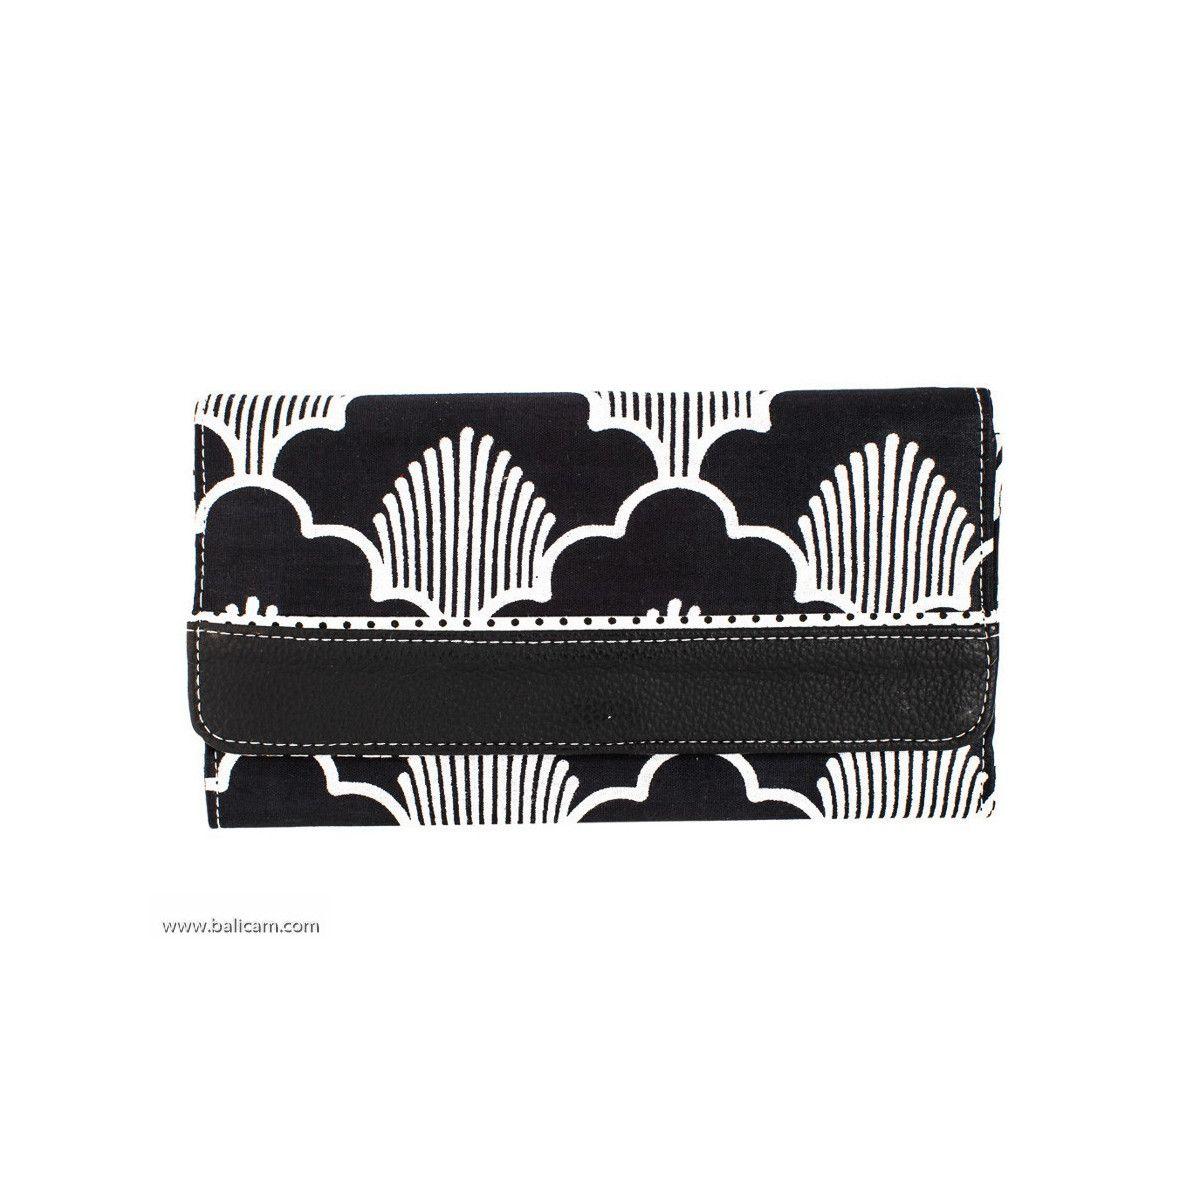 Portefeuille compagnon tout-en-un original noir et blanc